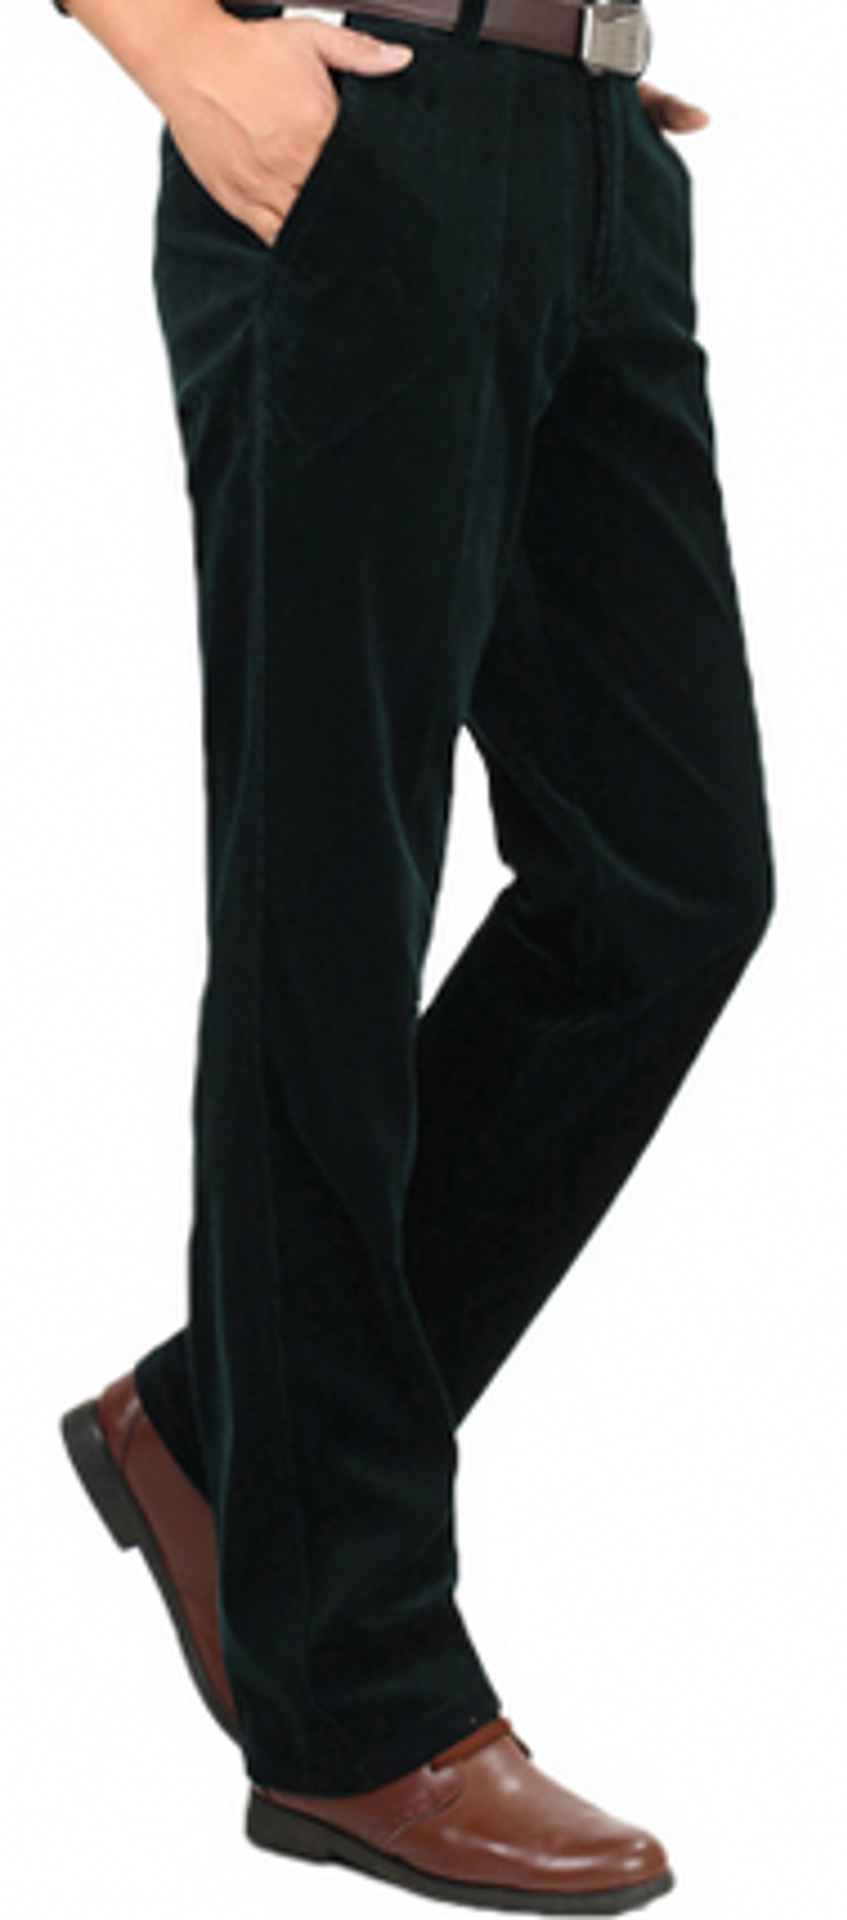 Мужские брюки Spirng, большие размеры, повседневные, на молнии, фланелевые, прямой максимальной длины, мужские зимние свободные брюки на молнии